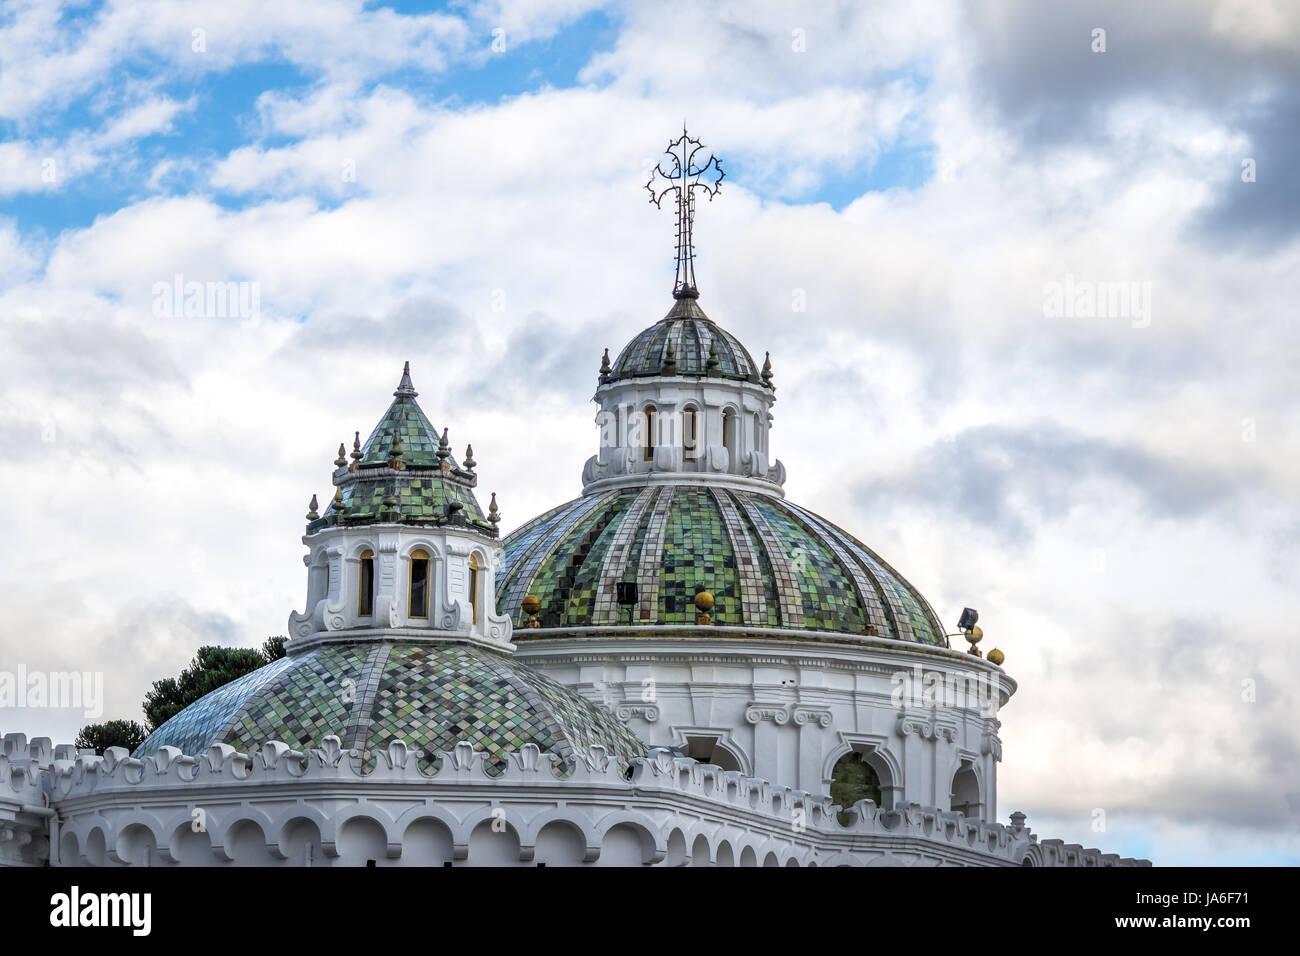 Dome of Metropolitan Cathedral - Quito, Ecuador - Stock Image